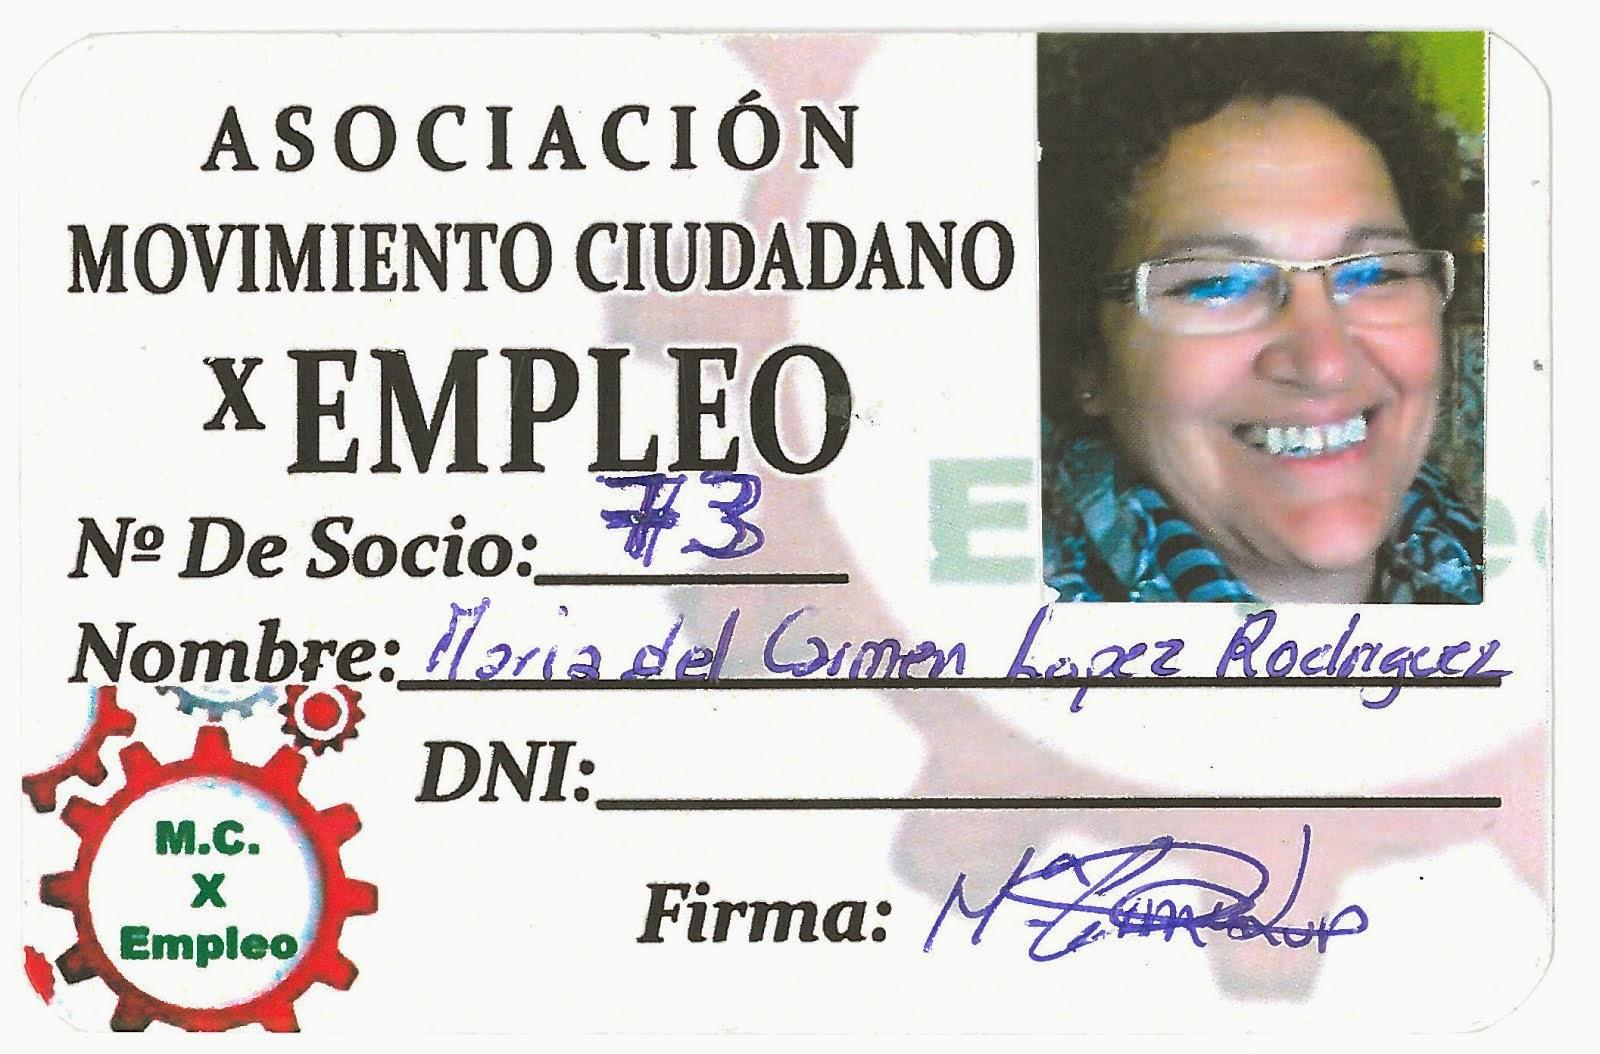 MARIA DEL CARMEN LOPEZ RODRIGUEZ